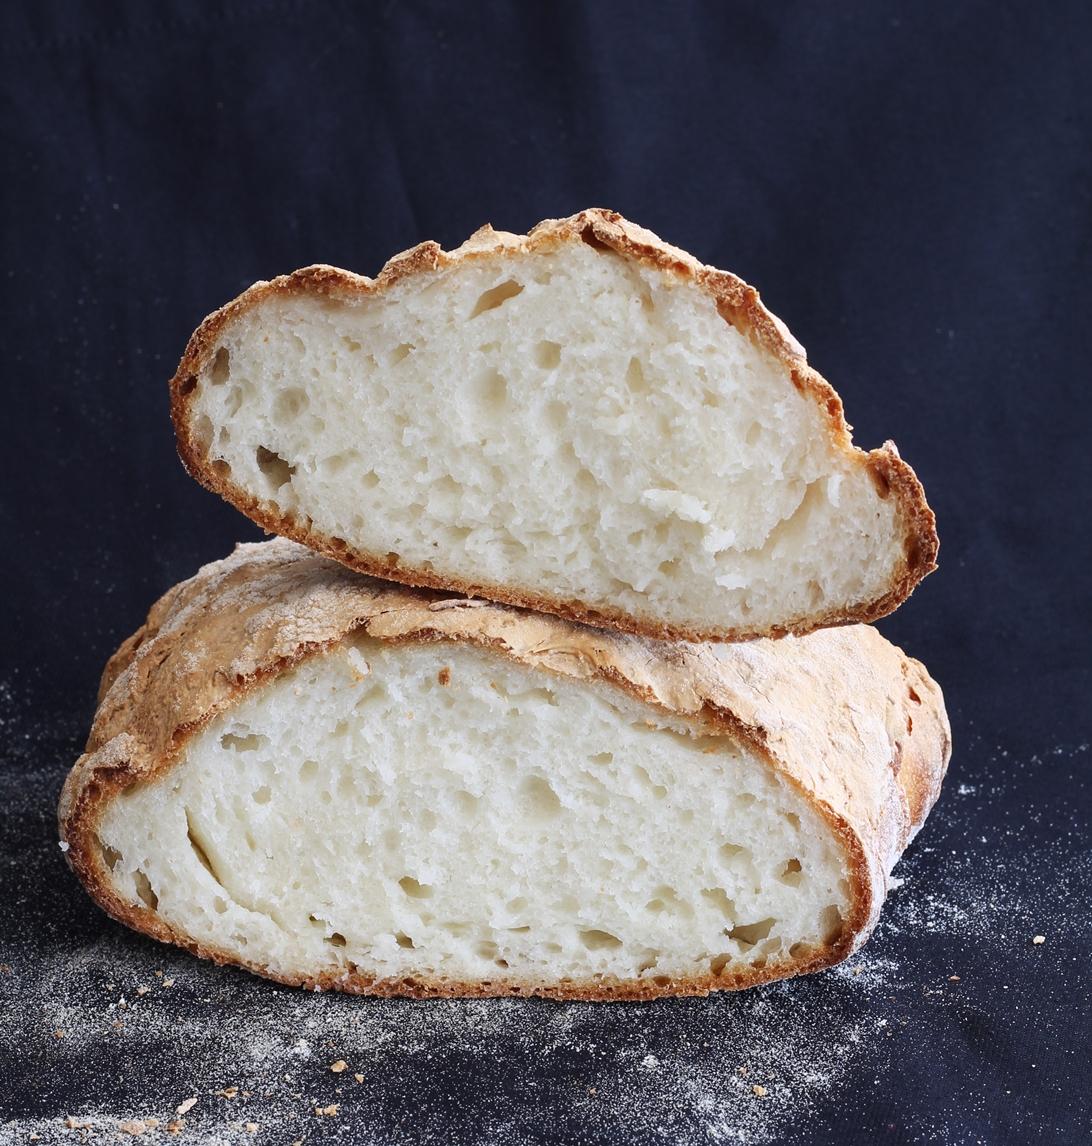 Preparato per pane Güdo; le farine senza glutine - Gluten Free Travel and Living